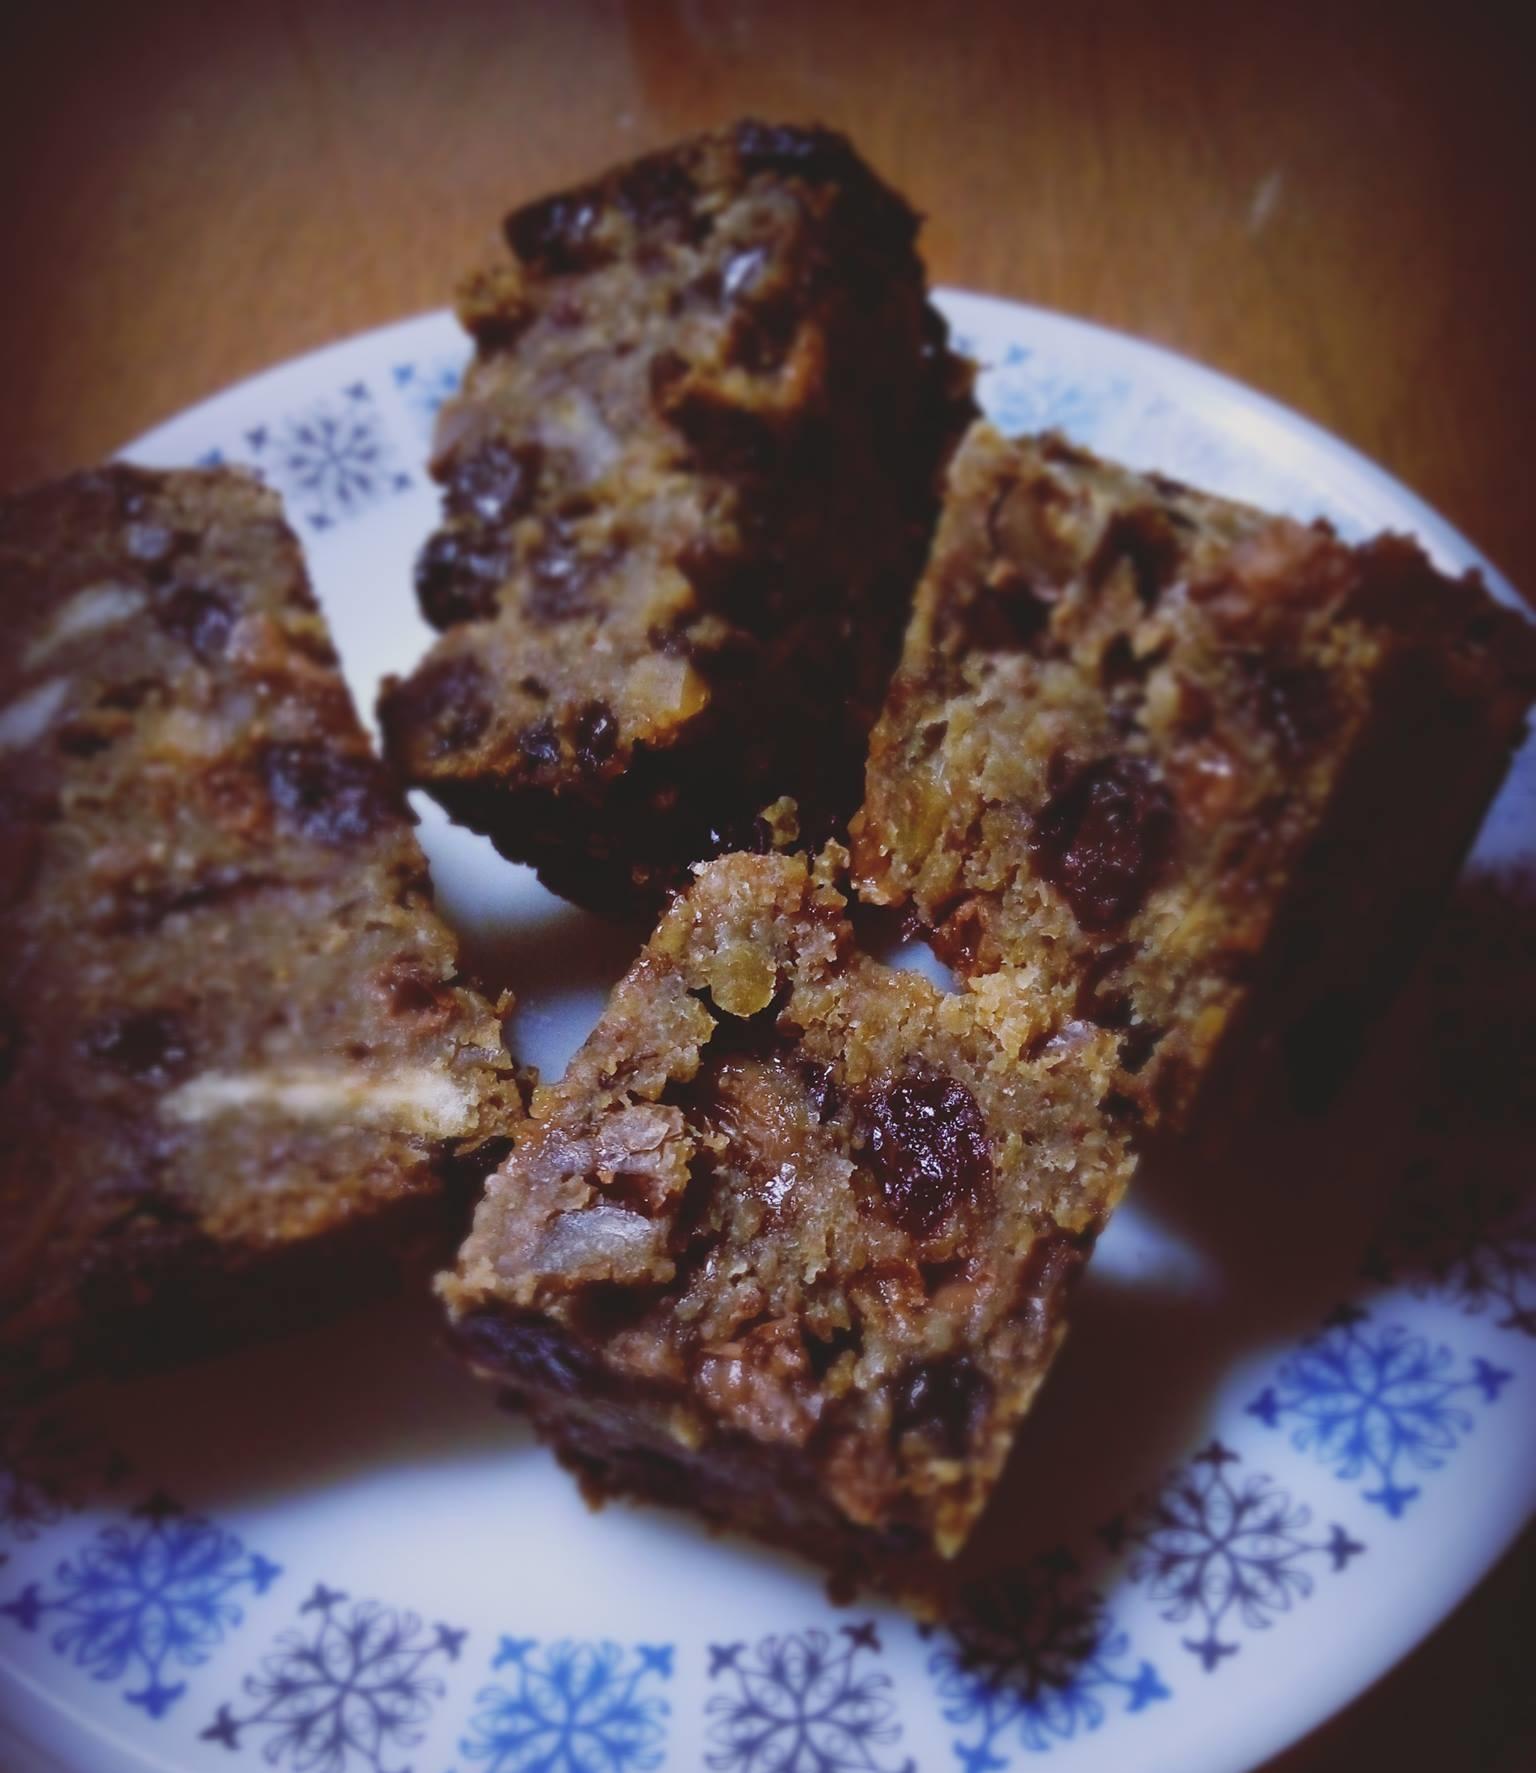 Κέικ βρώμης με ξηρούς καρπούς, του Κωνσταντίνου Μπίκου